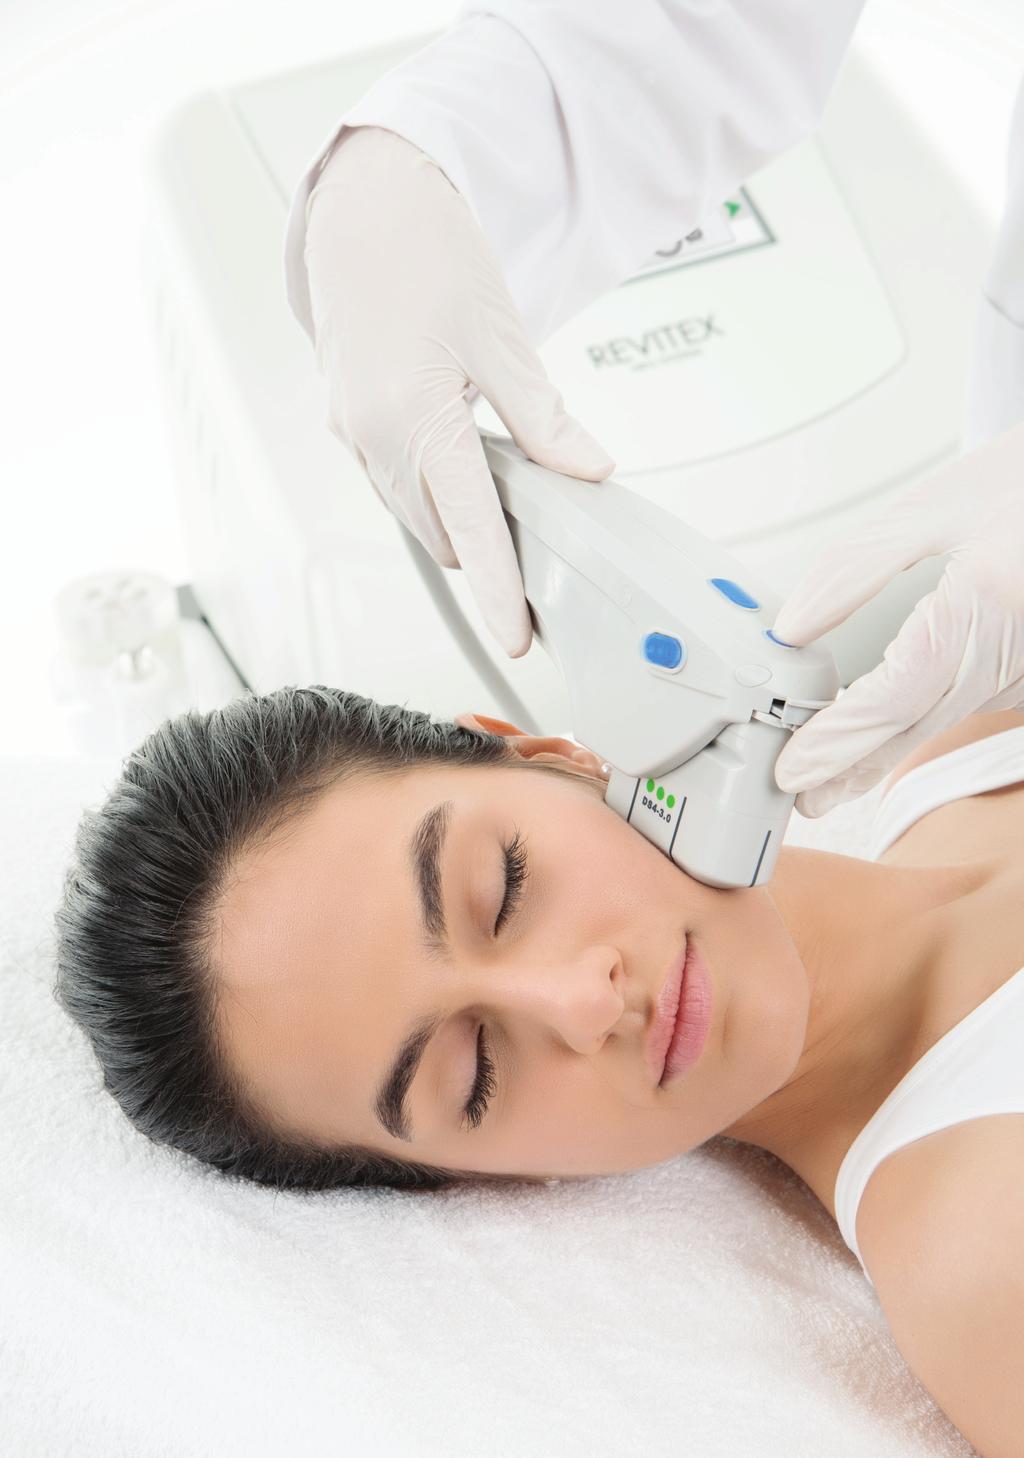 Ultrasuoni focalizzati ringiovanimento viso Centro di medicina estetica a Cosenza